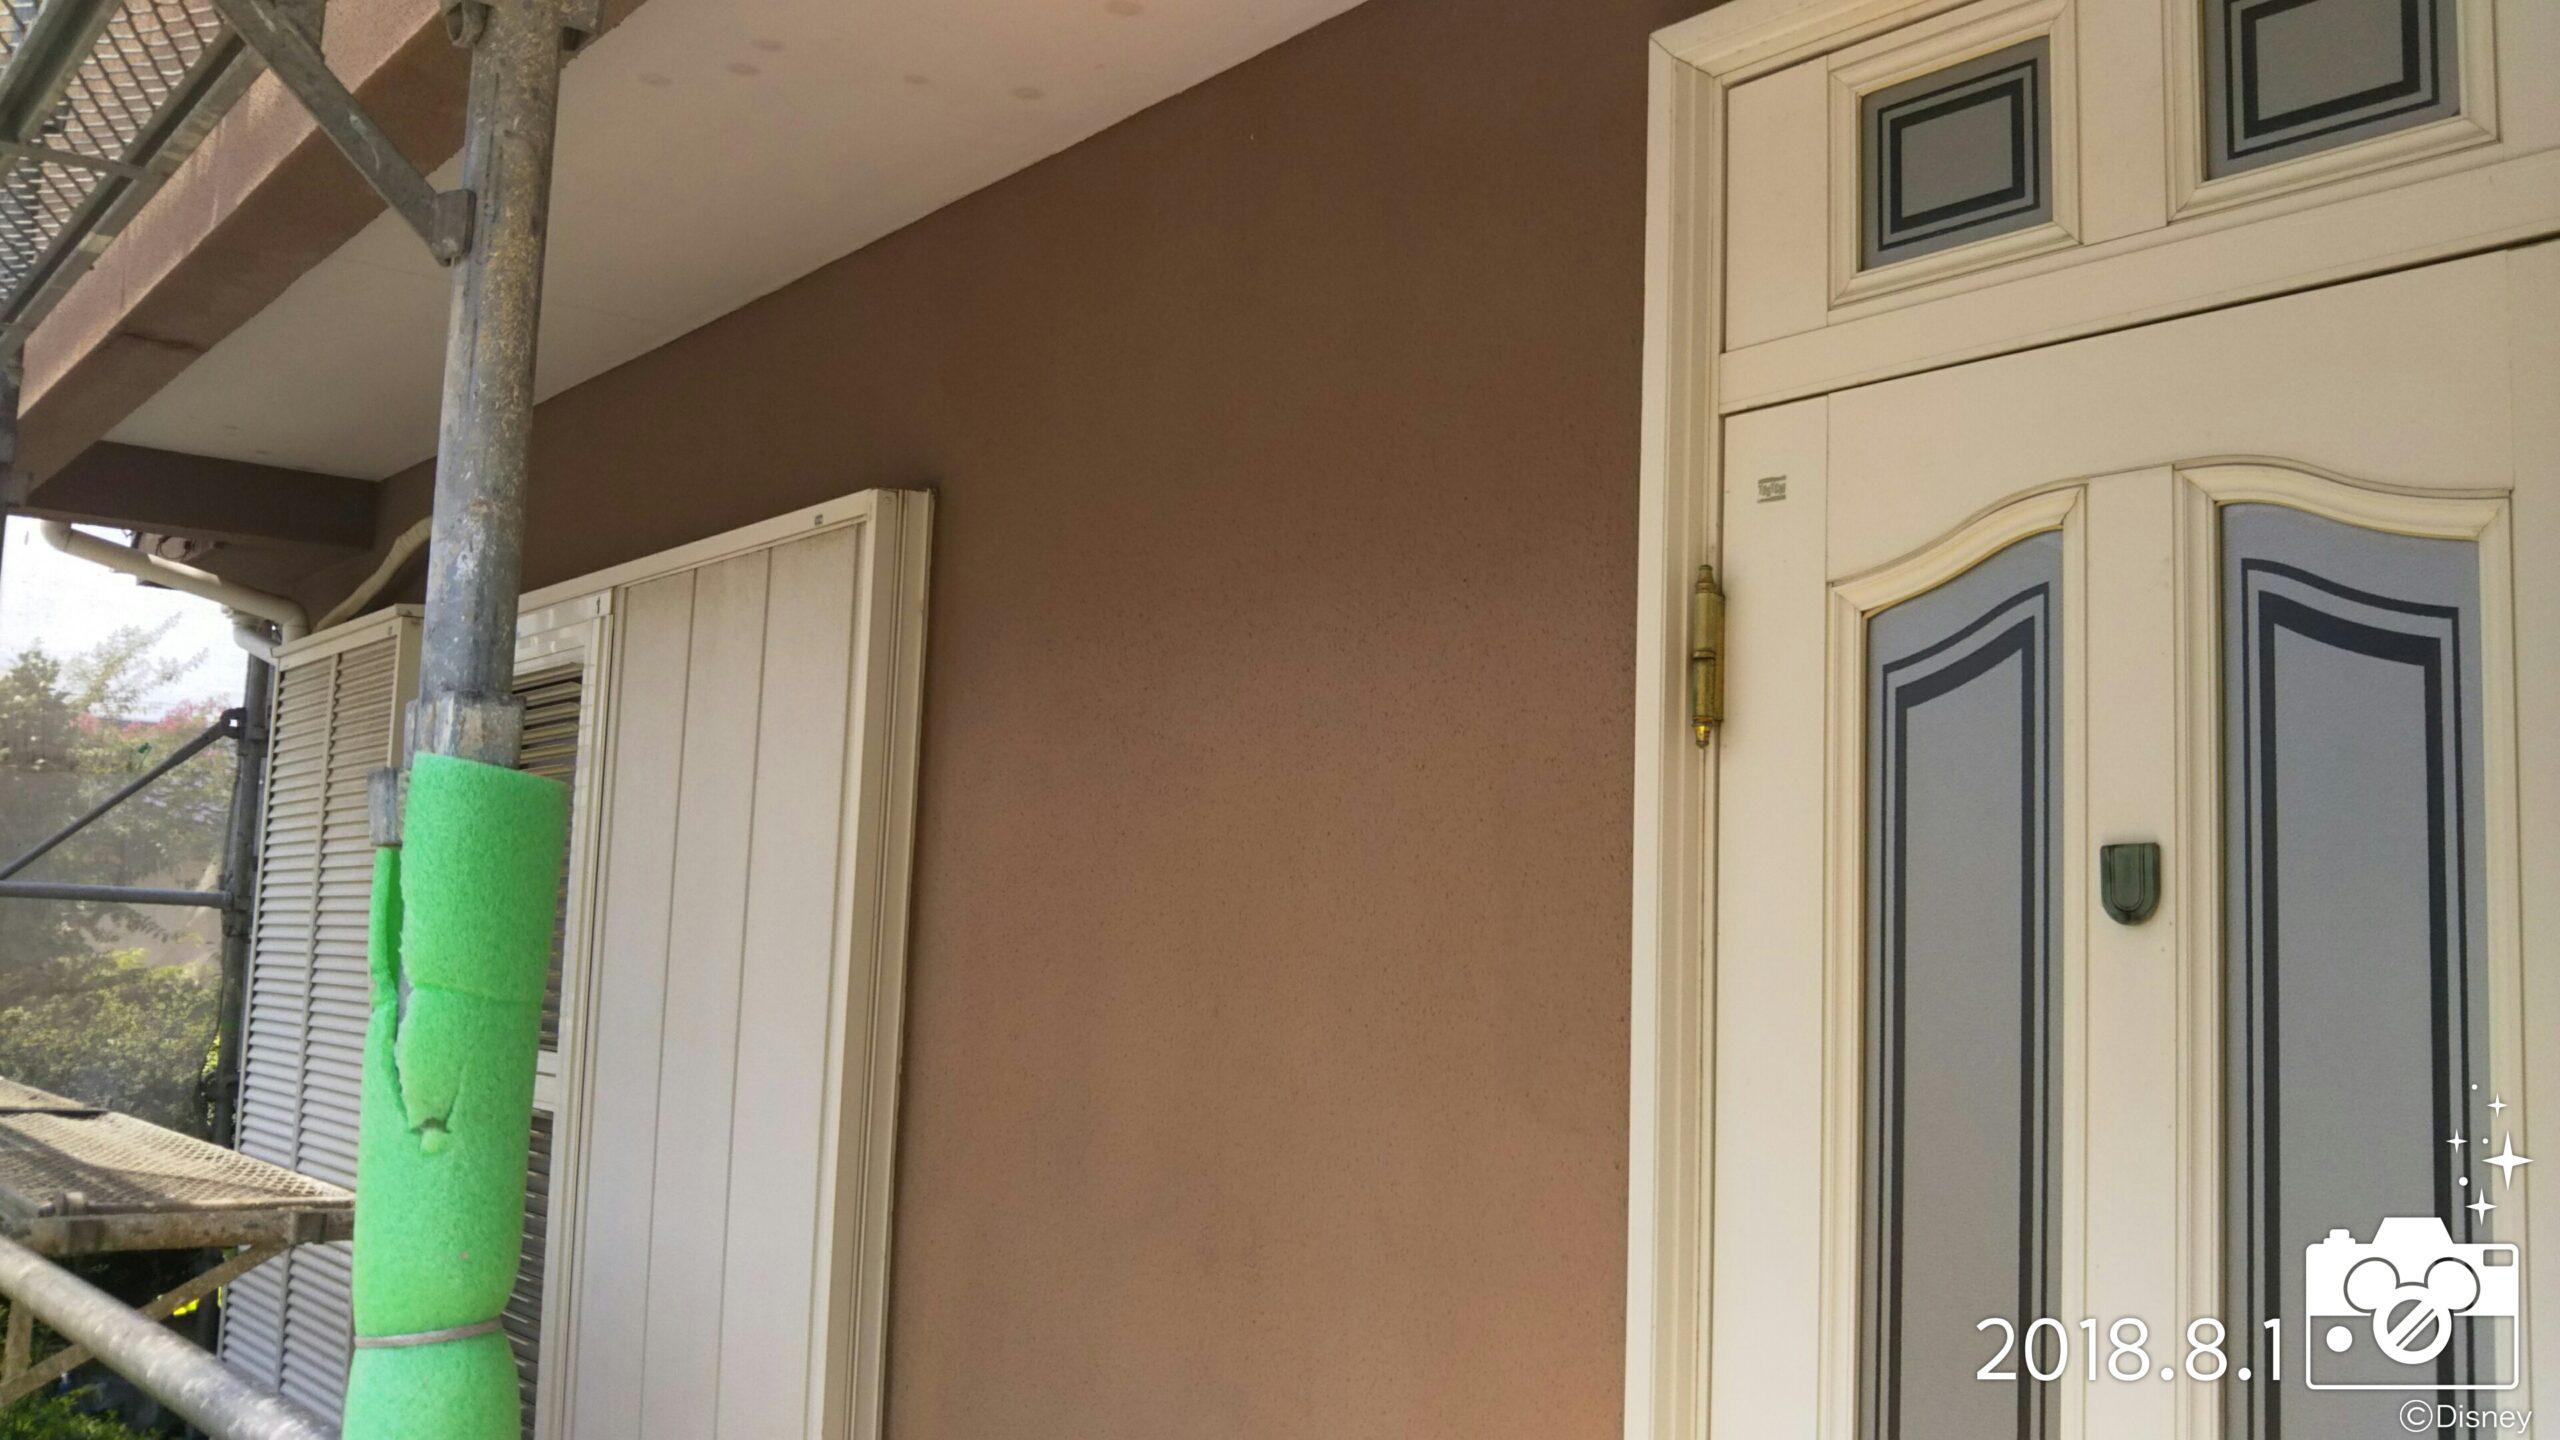 埼玉県さいたま市 外壁の塗り替え塗装 埼玉県さいたま市岩槻区のA様邸にて塗り替えリフォーム中